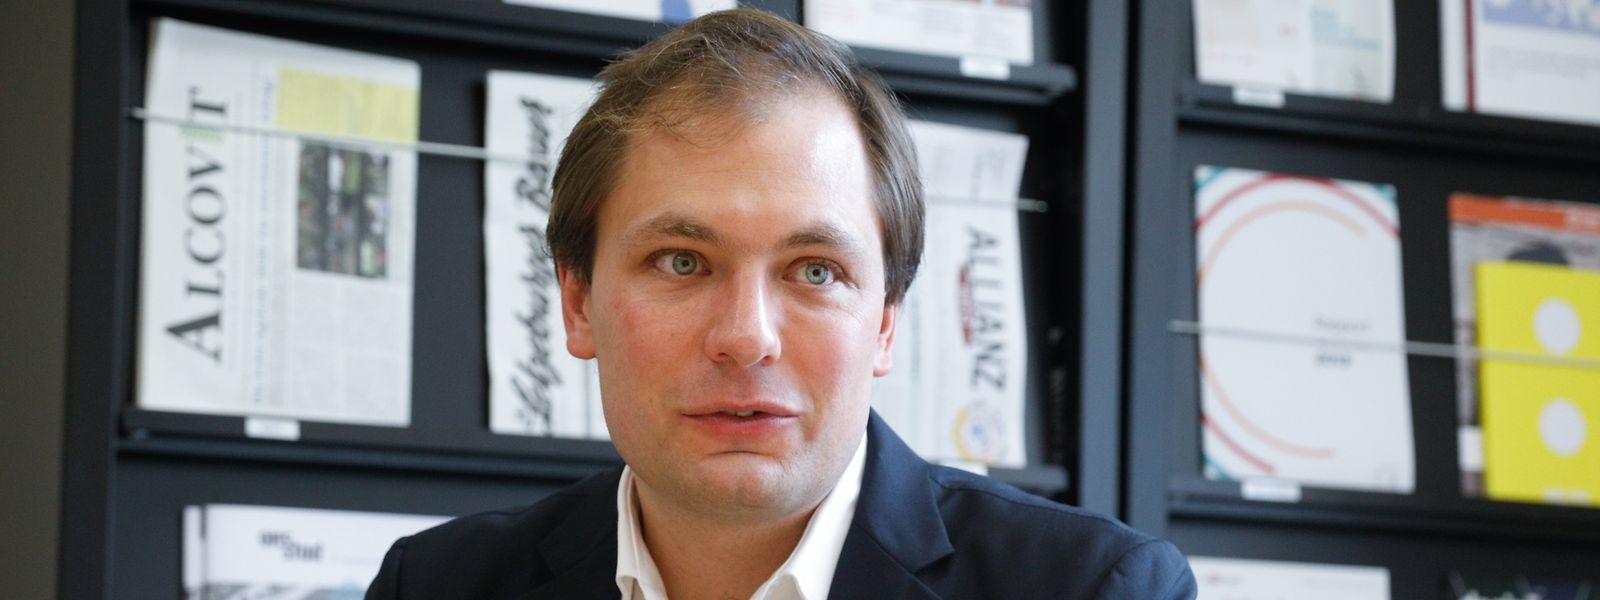 A 35 ans, le député Déi Gréng François Benoy a la chance et la responsabilité